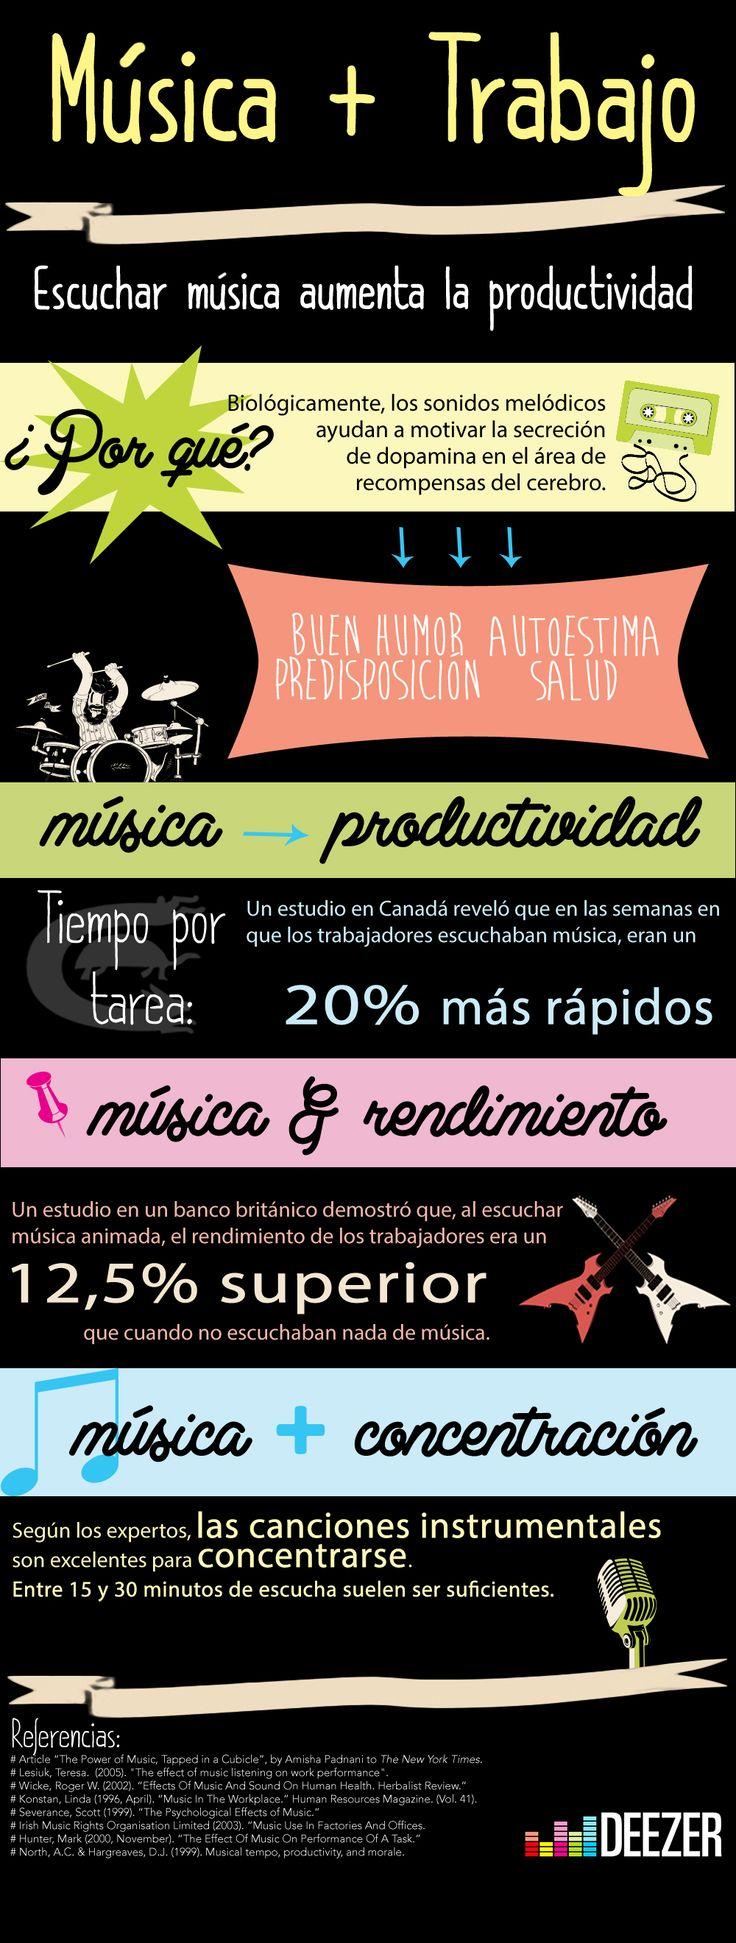 Infografía-Deezer-música-en-el-trabajo.jpg